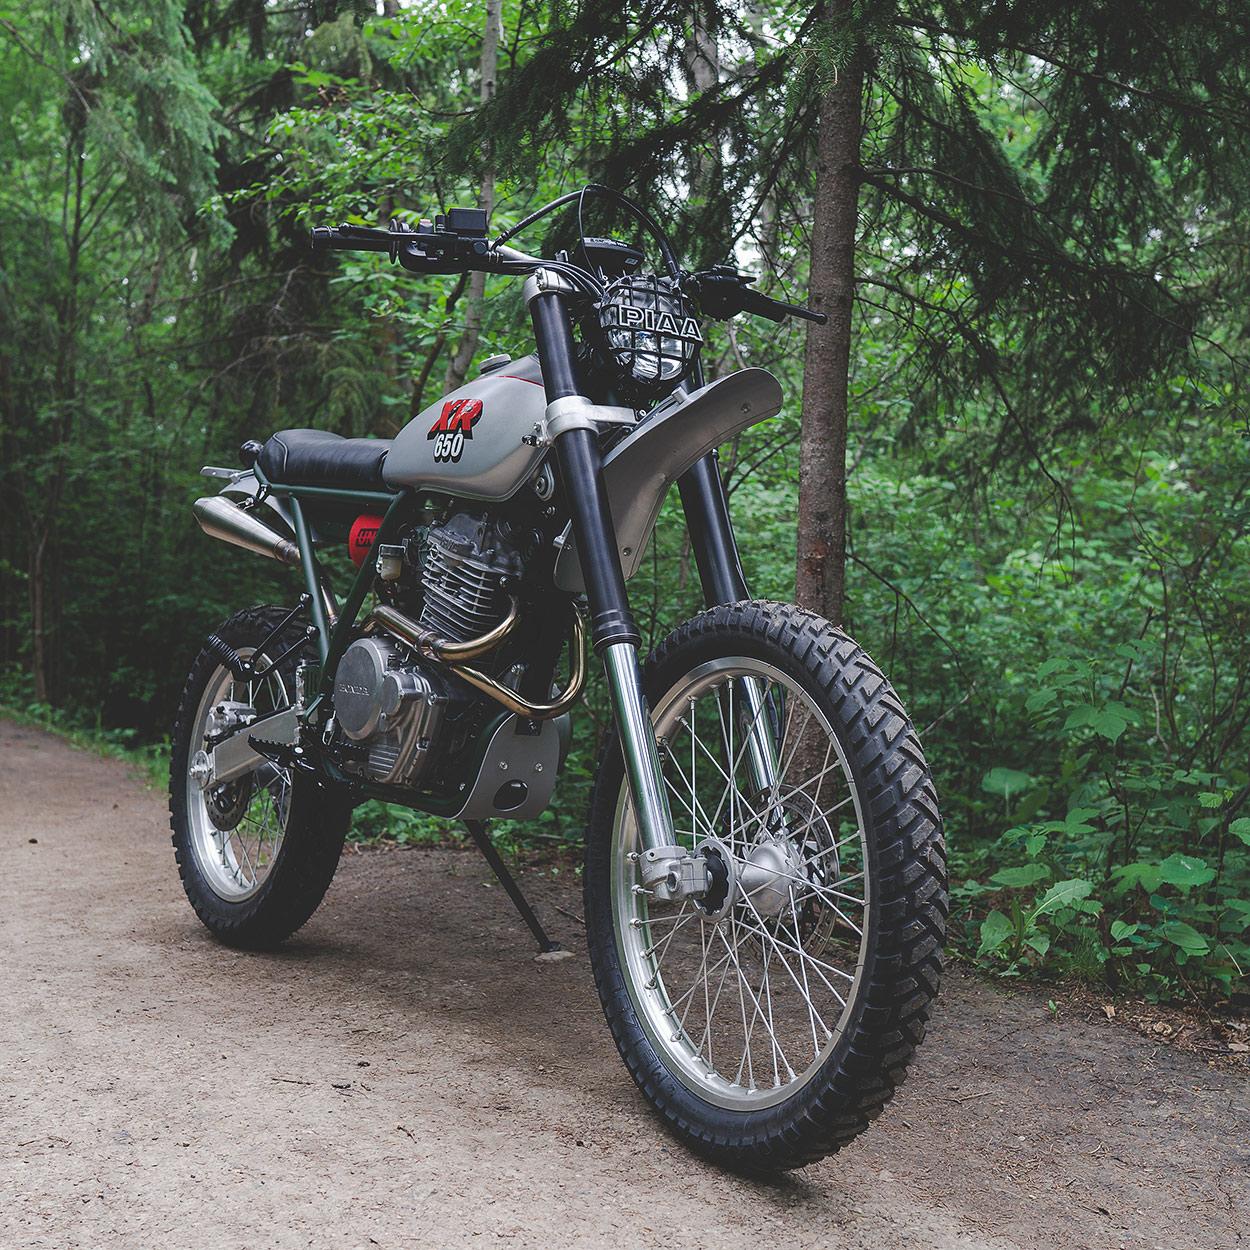 a pukka scrambler: federal moto's honda xr650l | bike exif